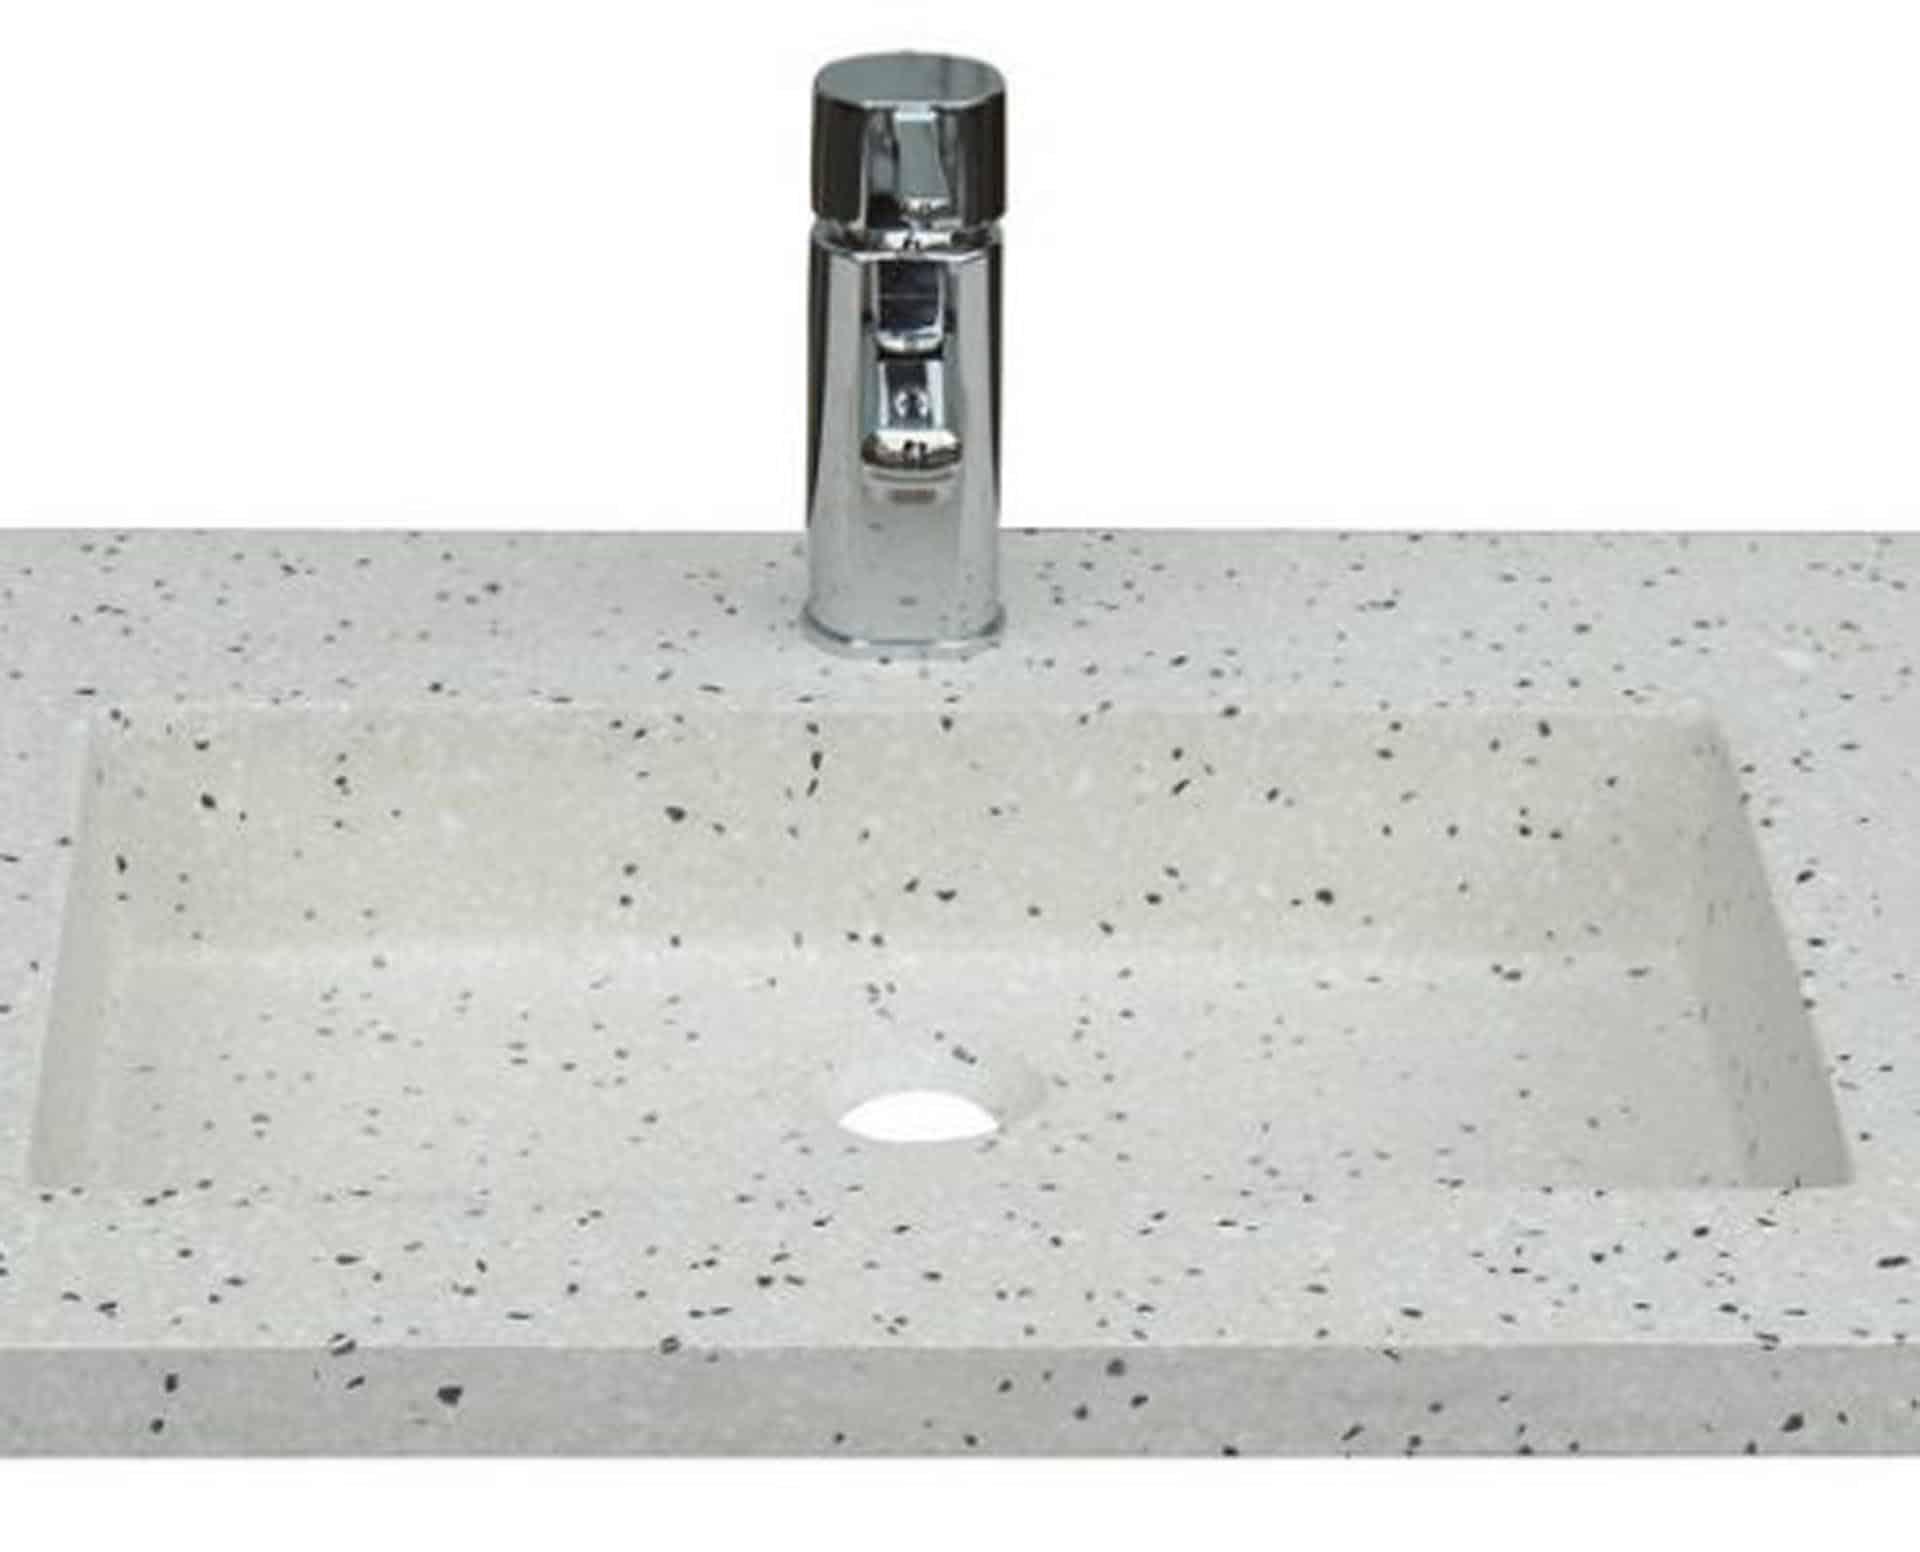 Lækker gnistret terrazzo håndvask, med pæne afrundinger. Farven er lys med sorte og mørke sten - et råt look med en flot finish. Vasken har målene: 80 x 60 x 9 cm. Materialet er en blanding af cement og de små natursten, der giver vasken sin flotte gnistrede finish. Vasken skal stå på et skab. Køb et af vores tre slags åbne ophæng til slimlinevaske eller se vores guide til hvilket skab, der passer til og hvor du kan købe det. Vasken er hensynsmæssigt designet med fine rundinger, som både giver vasken et eksklusivt udtryk og gør den rengøringsvenlig. Vasken vedligeholdes med voks - vi anbefaler en behandling med vores egen naturvoks ID12002 et par gange om året for at opnå optimalt look.